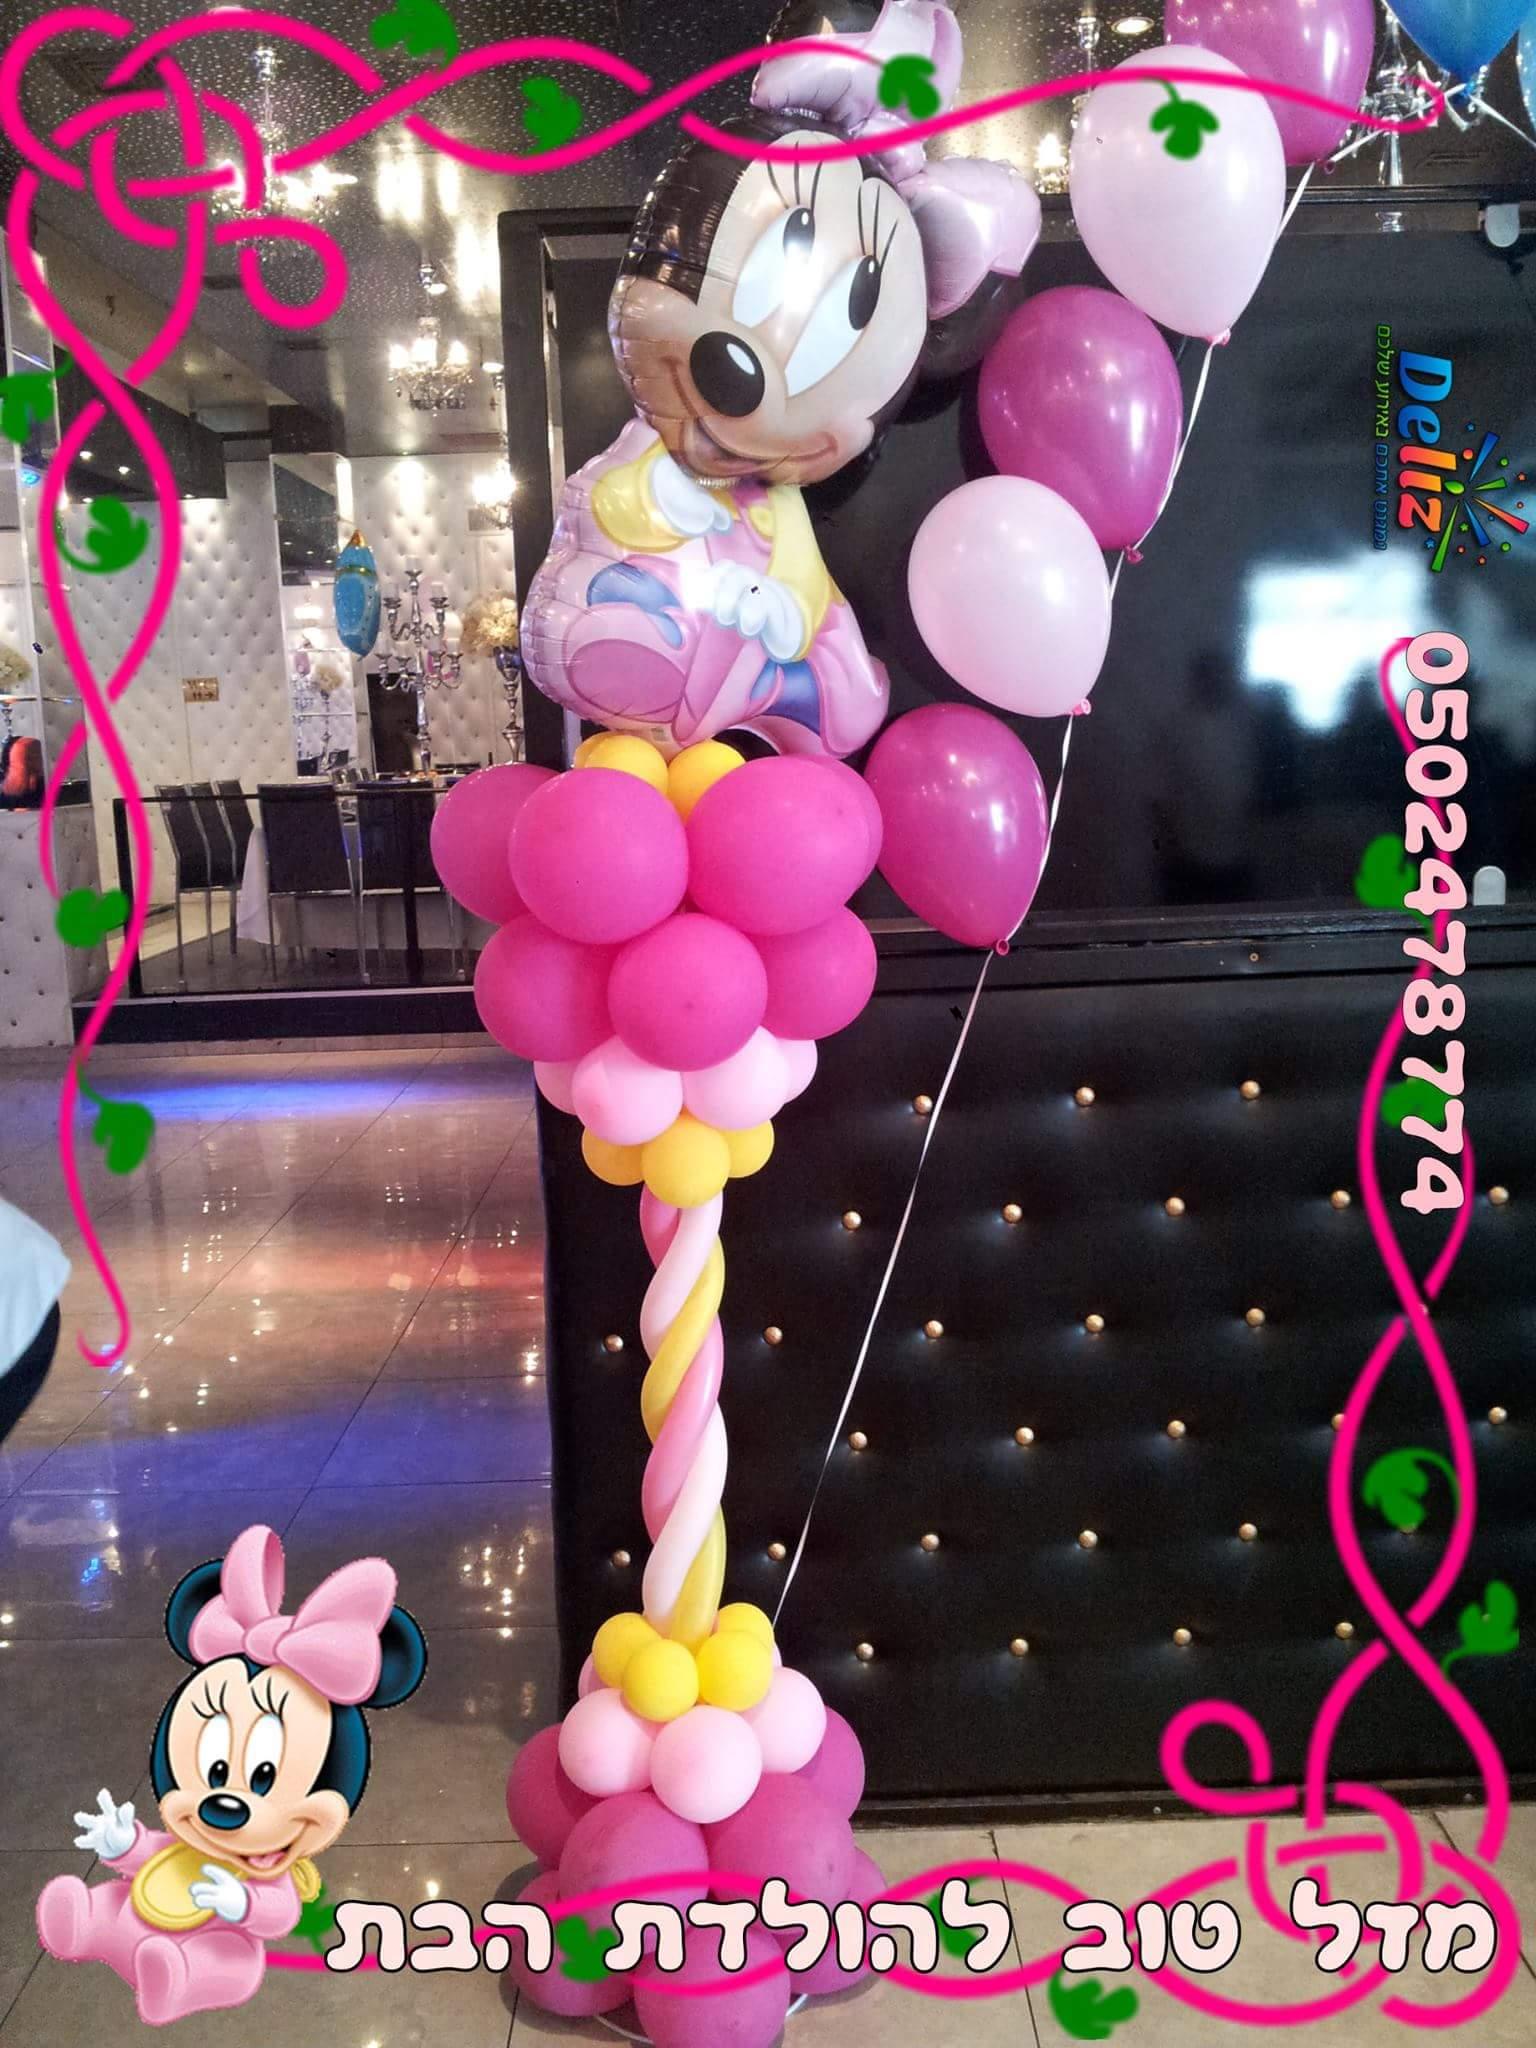 FB_IMG_1436685942280